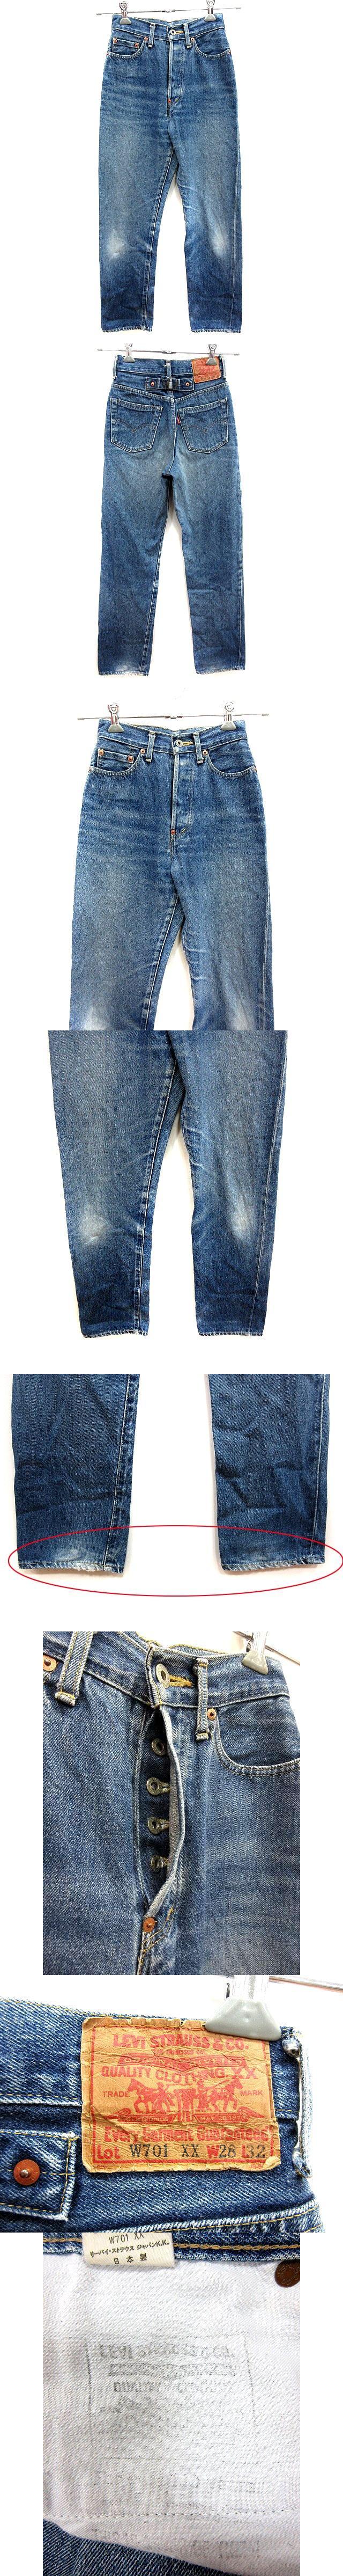 W701 パンツ デニム ジーンズ ストレート 28 青 ブルー /AU